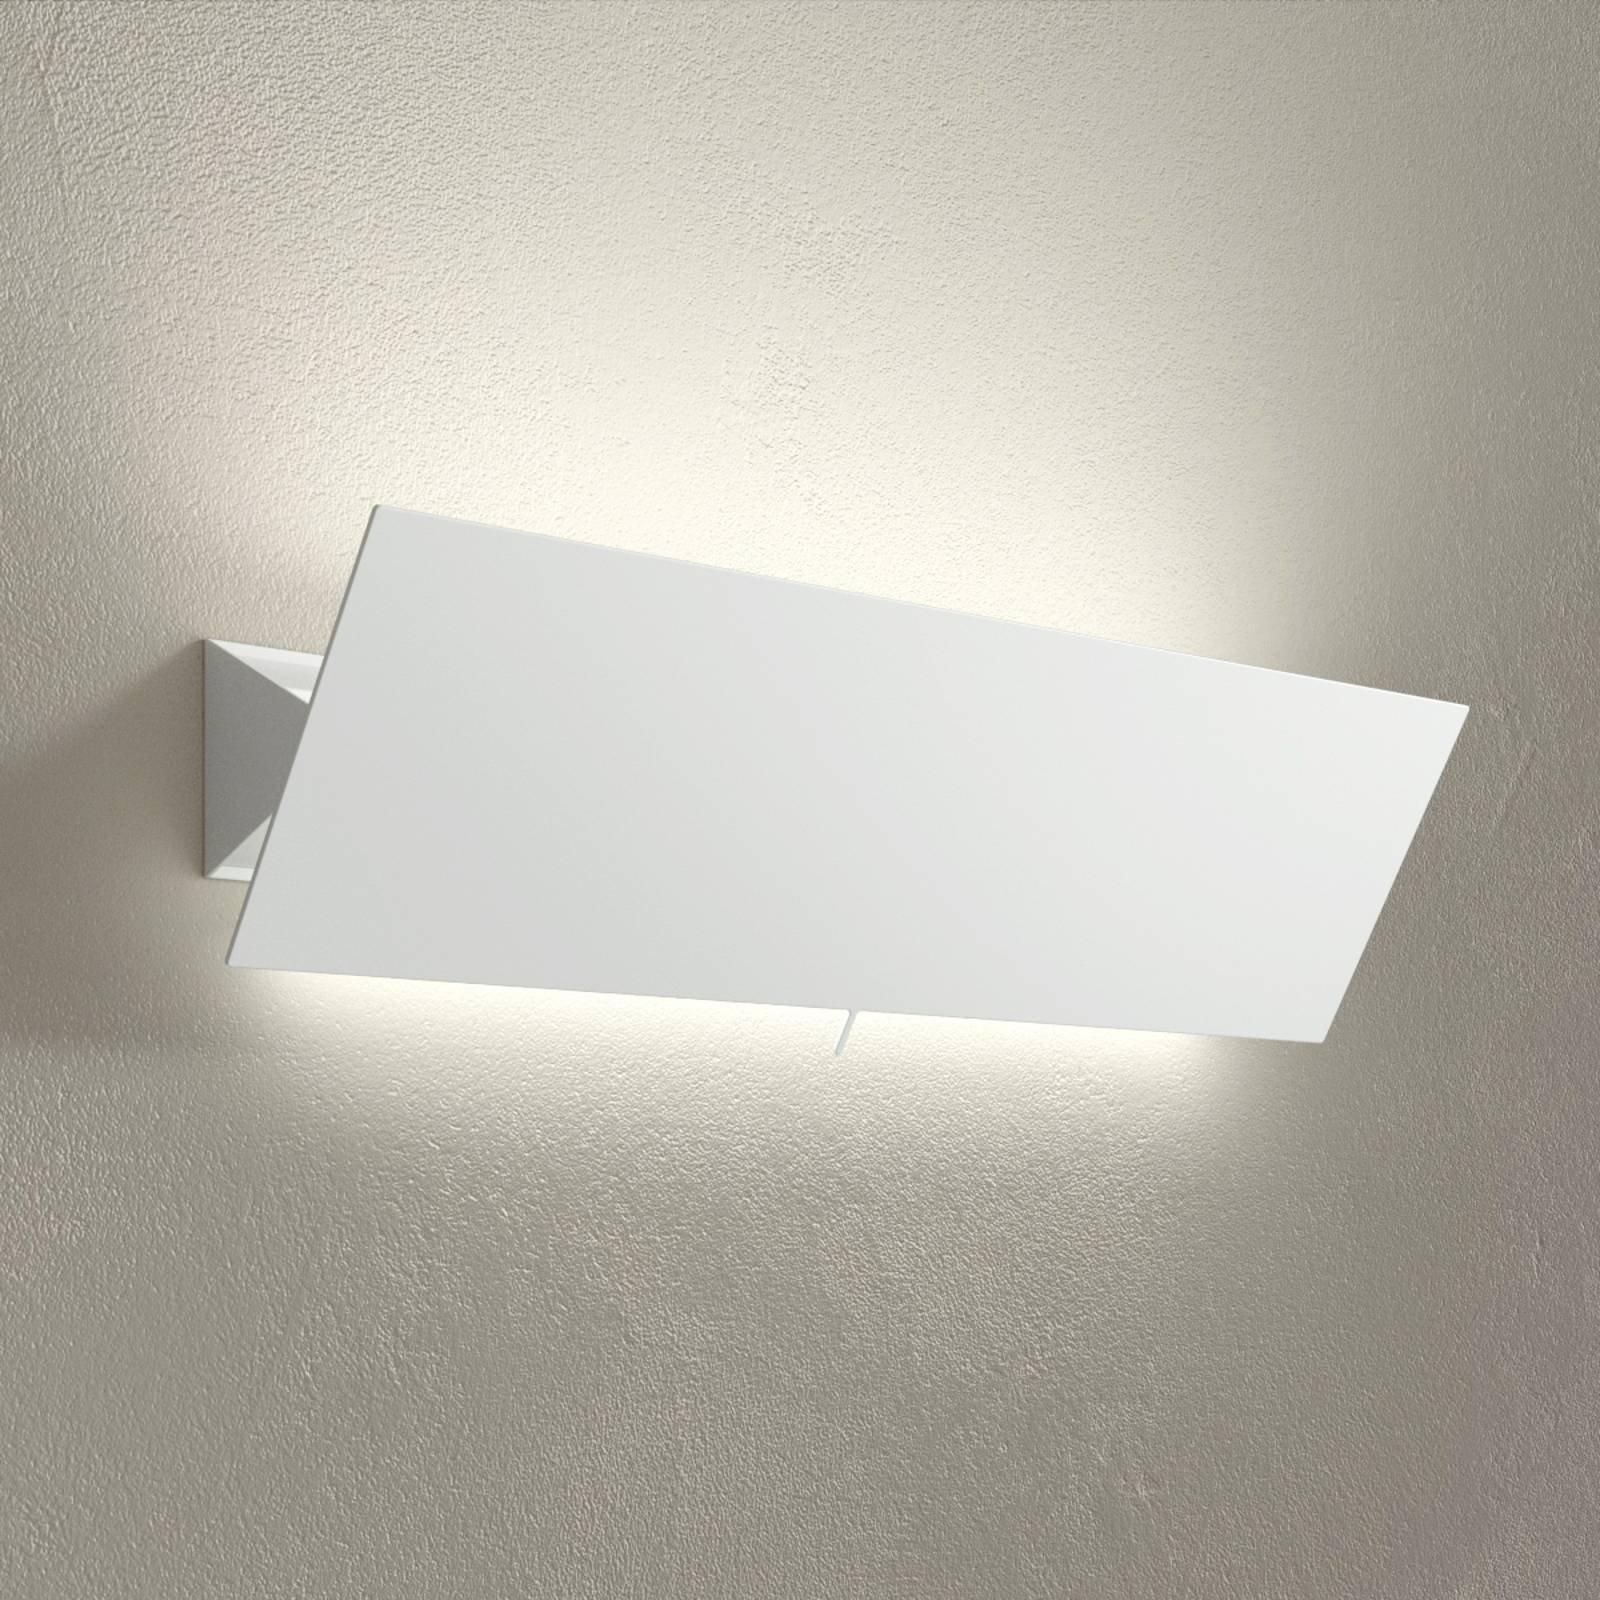 LED-vegglampe Shadow Grande, hvit, bredde 63 cm